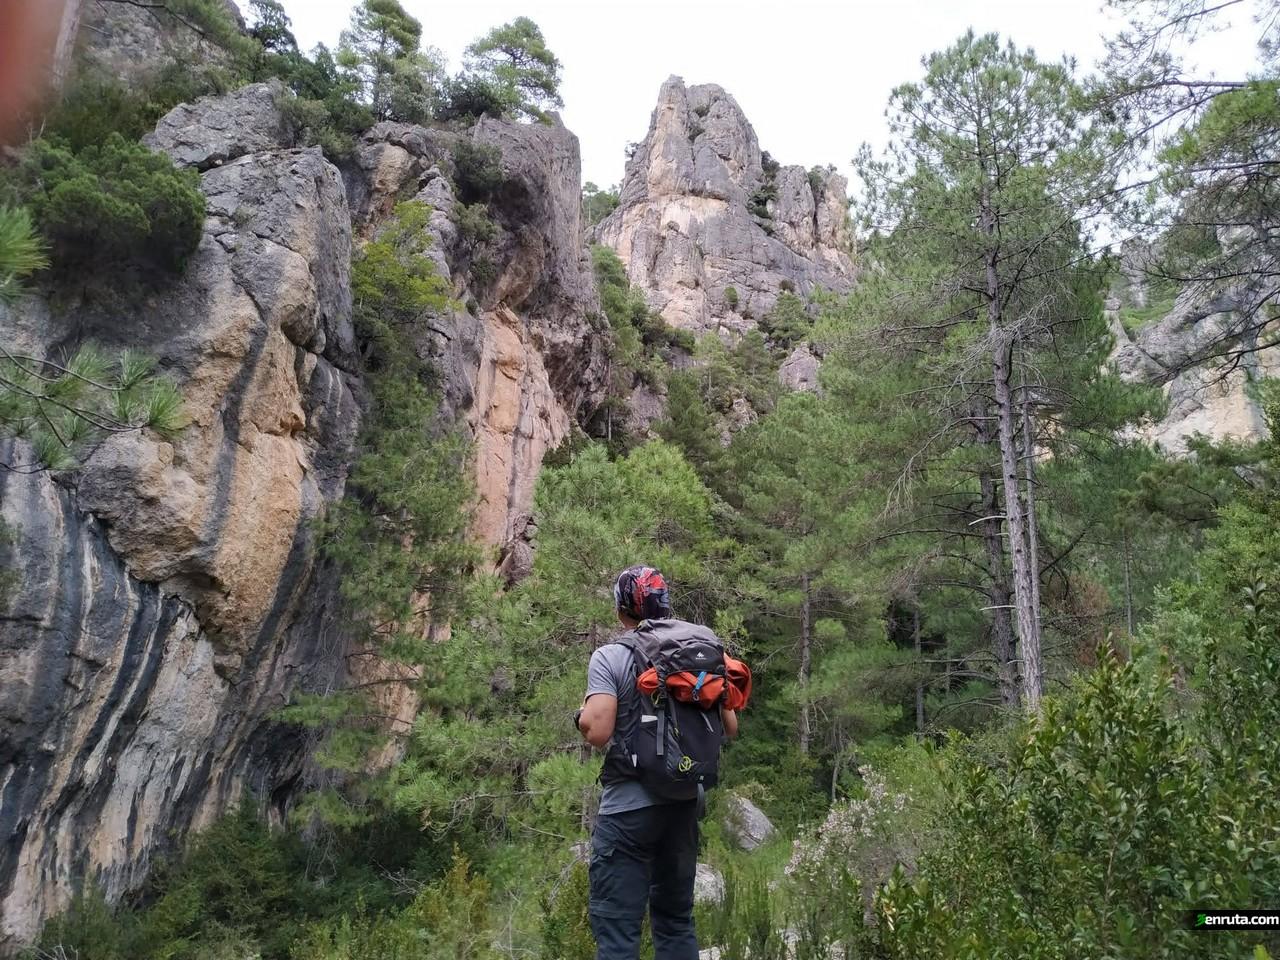 Vistas de los farallones de roca que nos rodean